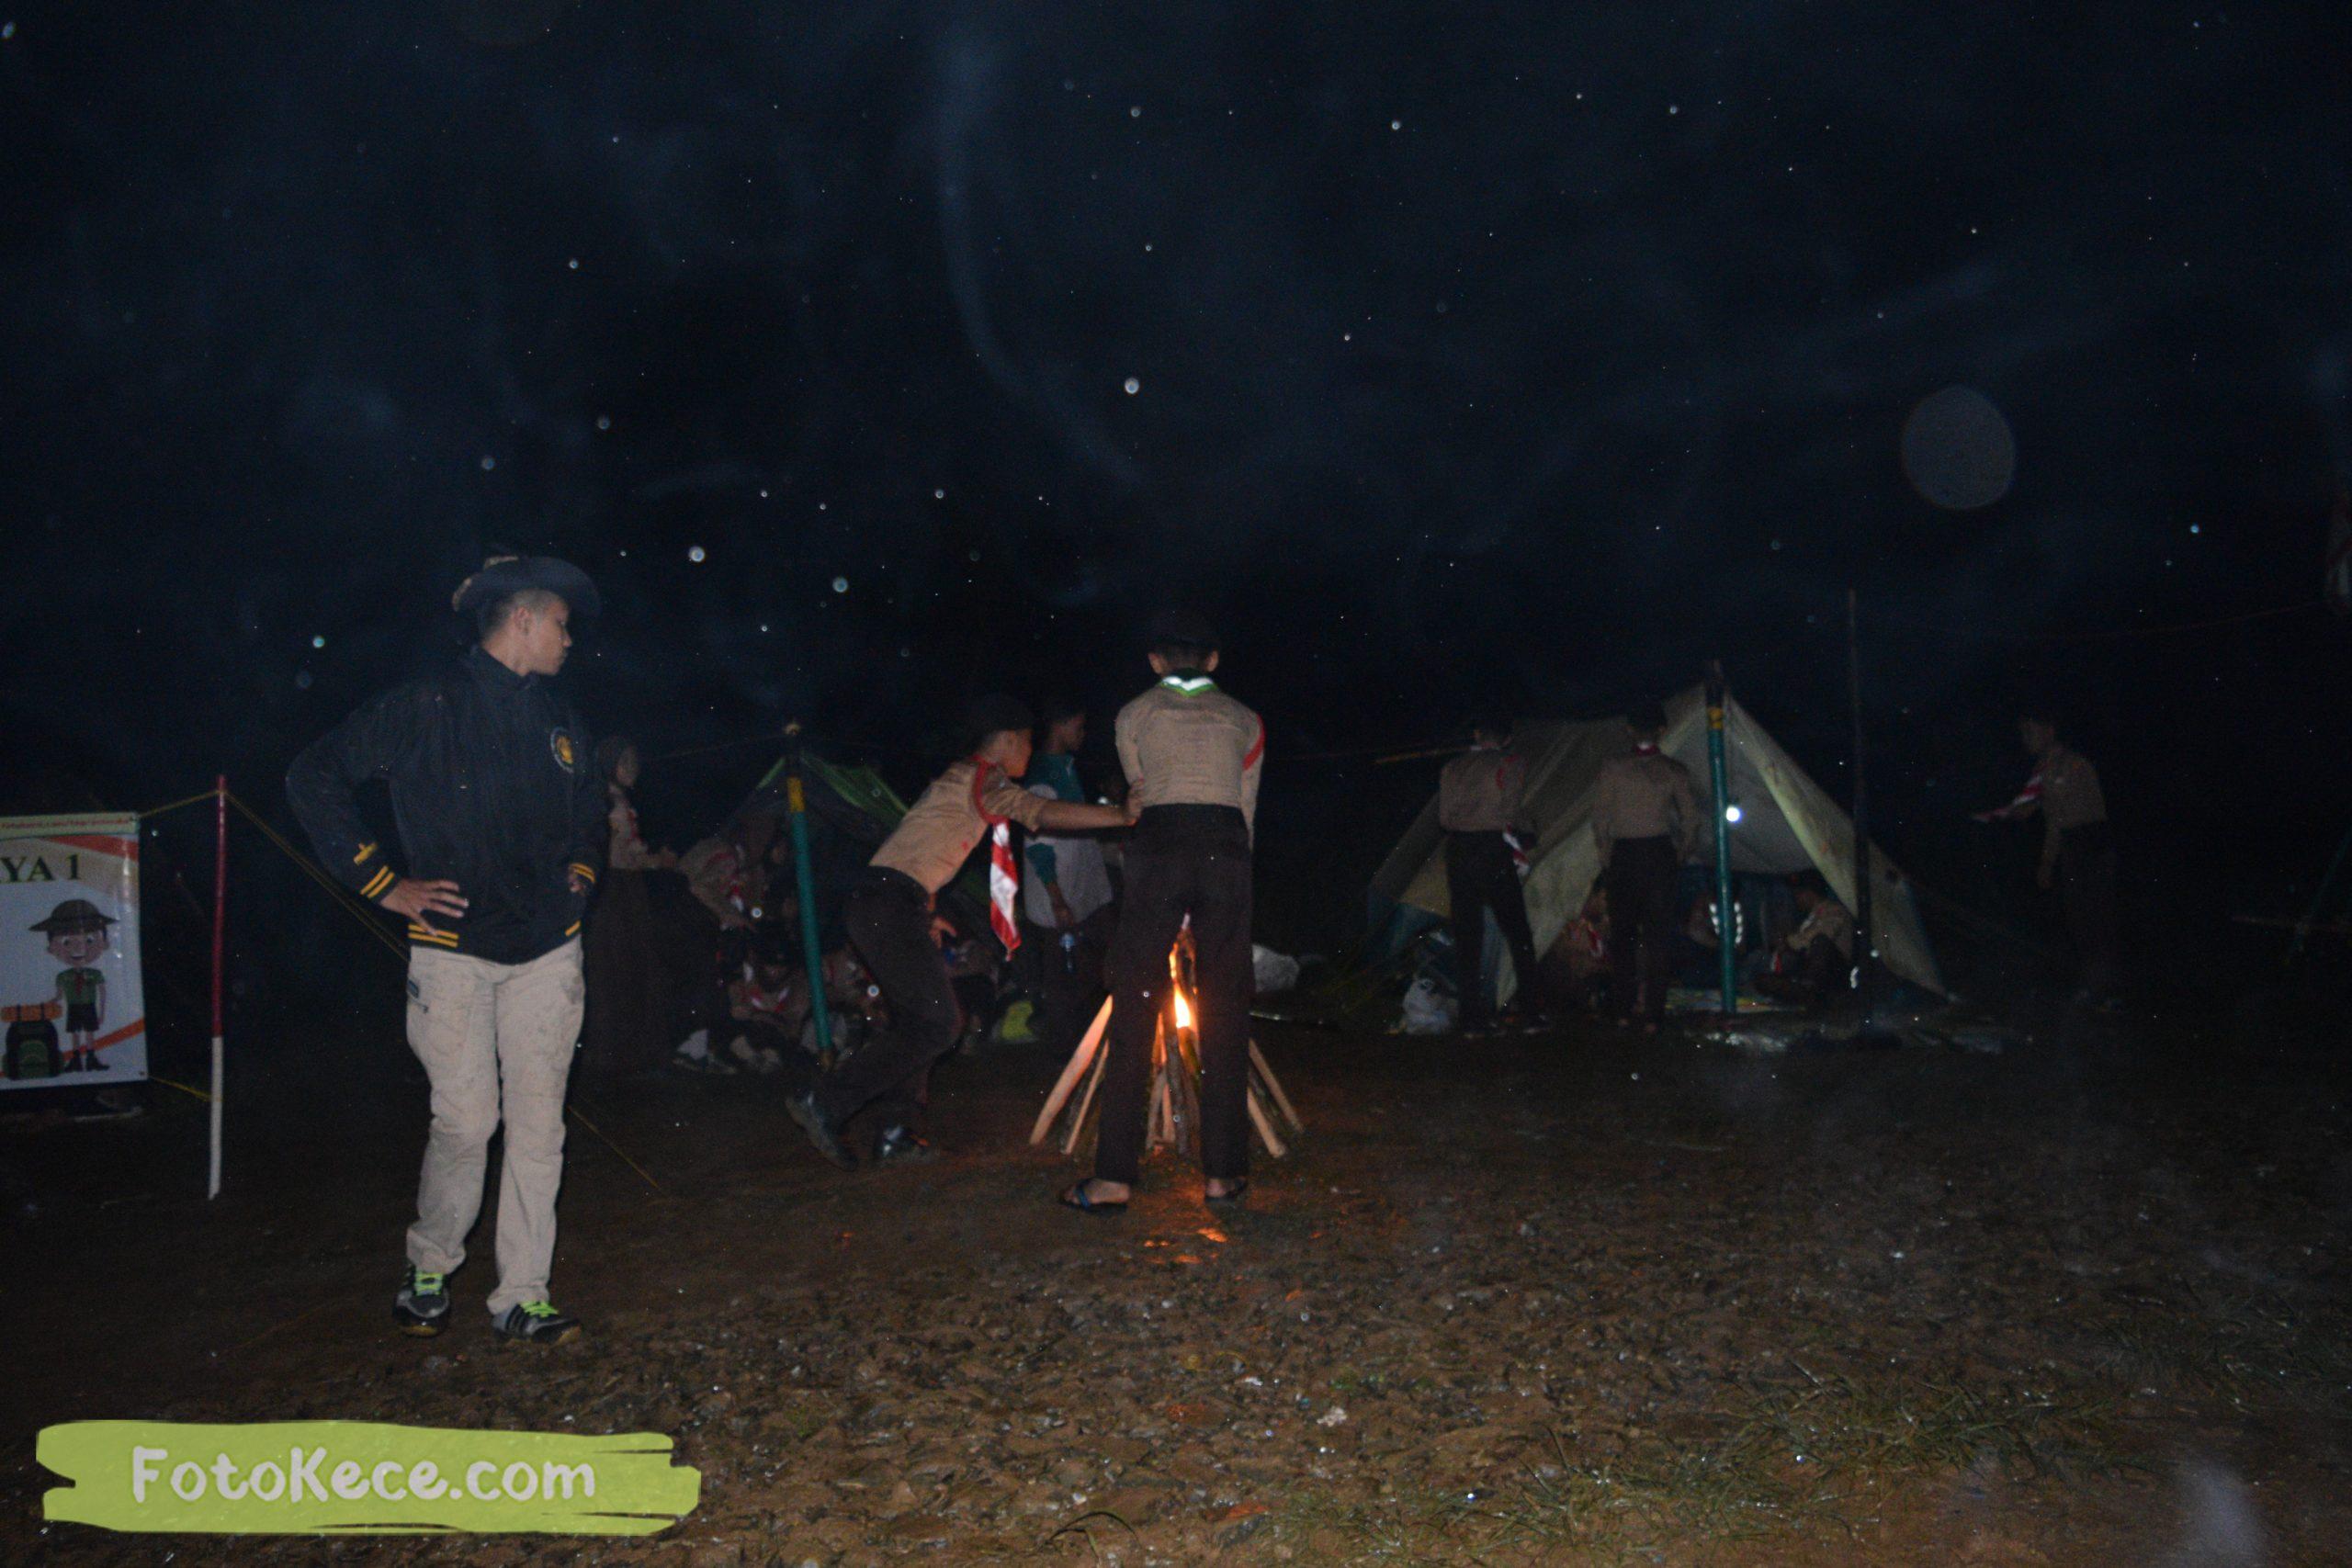 kegiatan sore malam perkemahan narakarya 1 mtsn 2 sukabumi 24 25 januari 2020 pramuka hebat puncak buluh foto kece 65 scaled